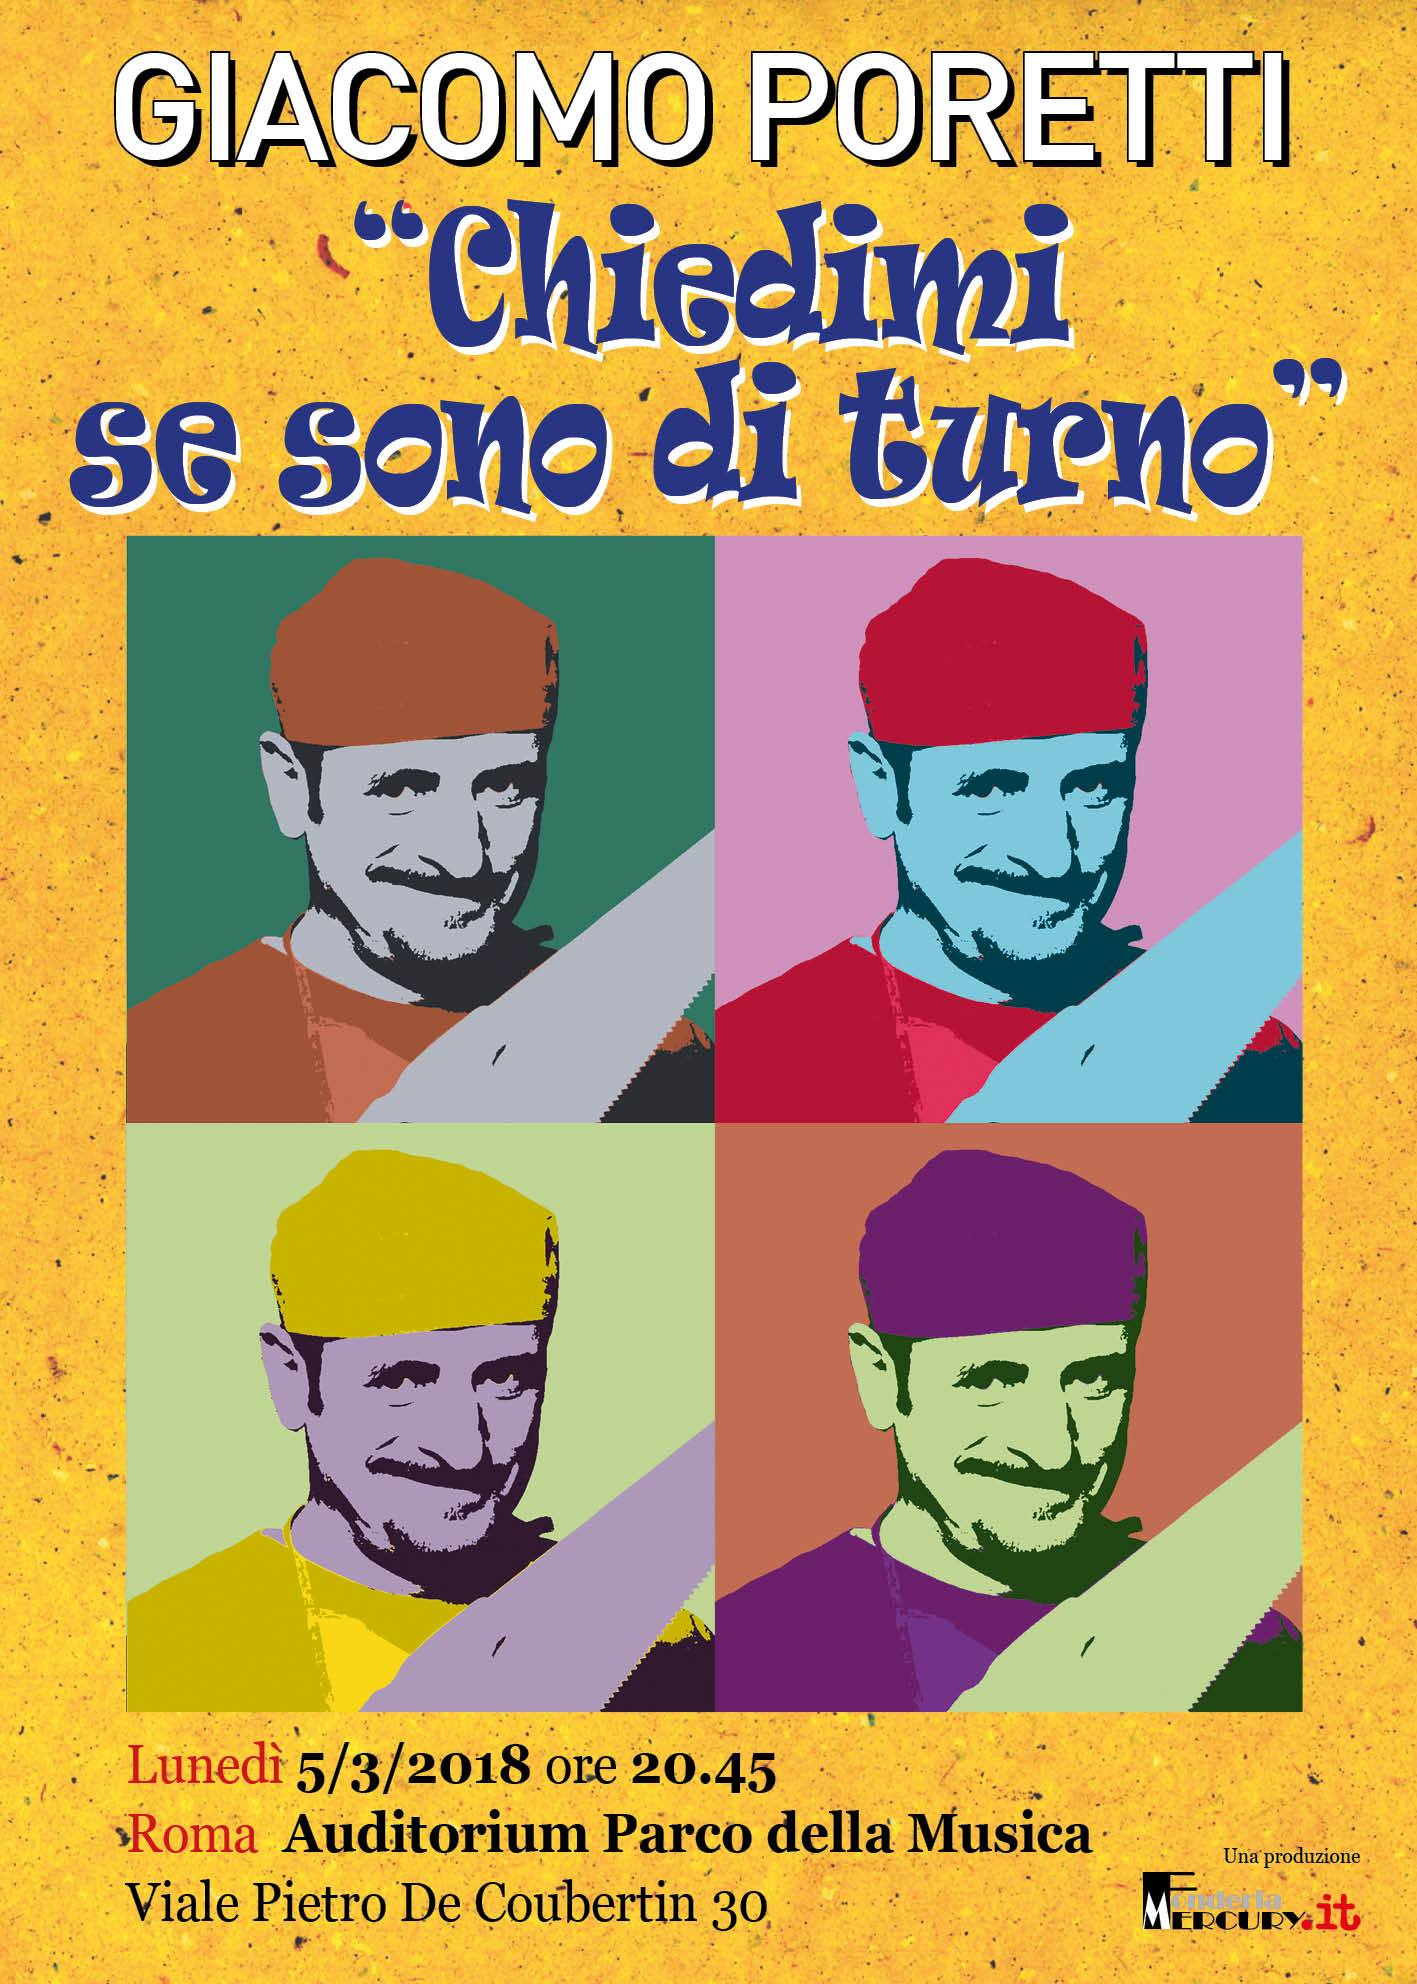 Giacomo Poretti al congresso nazionale con uno spettacolo inedito